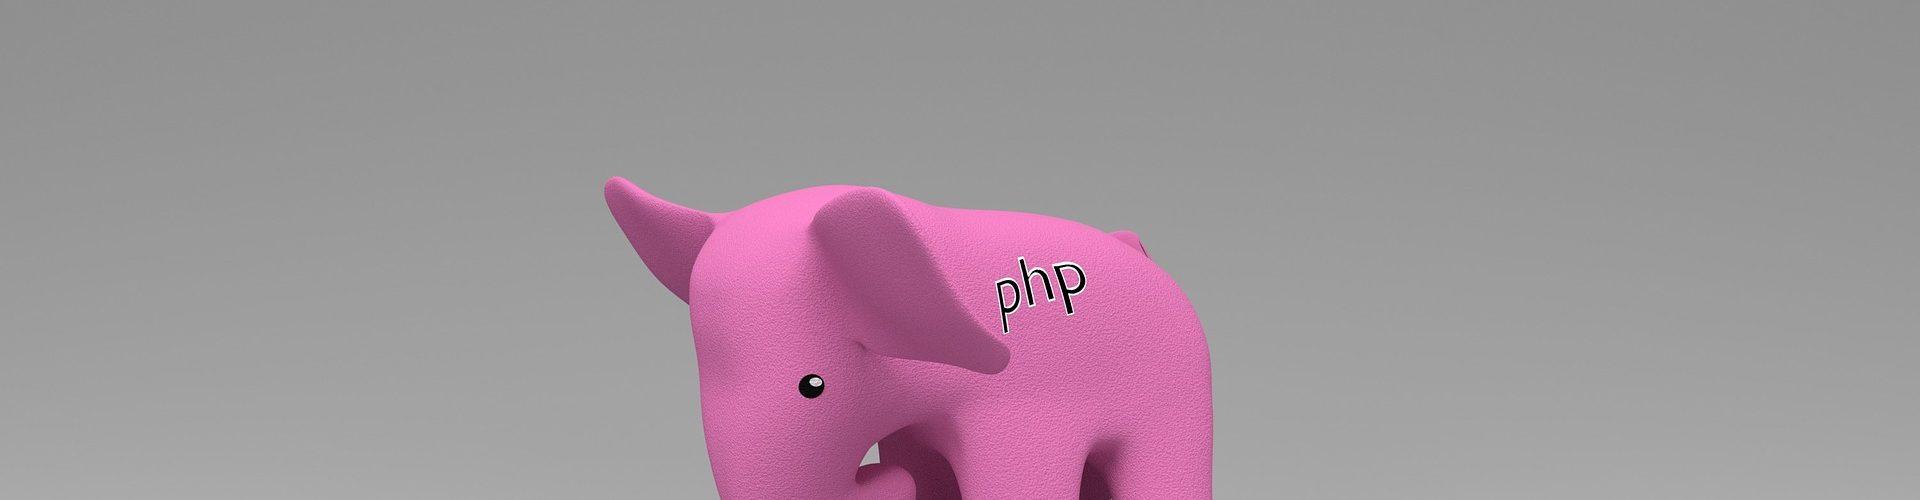 PHP based Websites